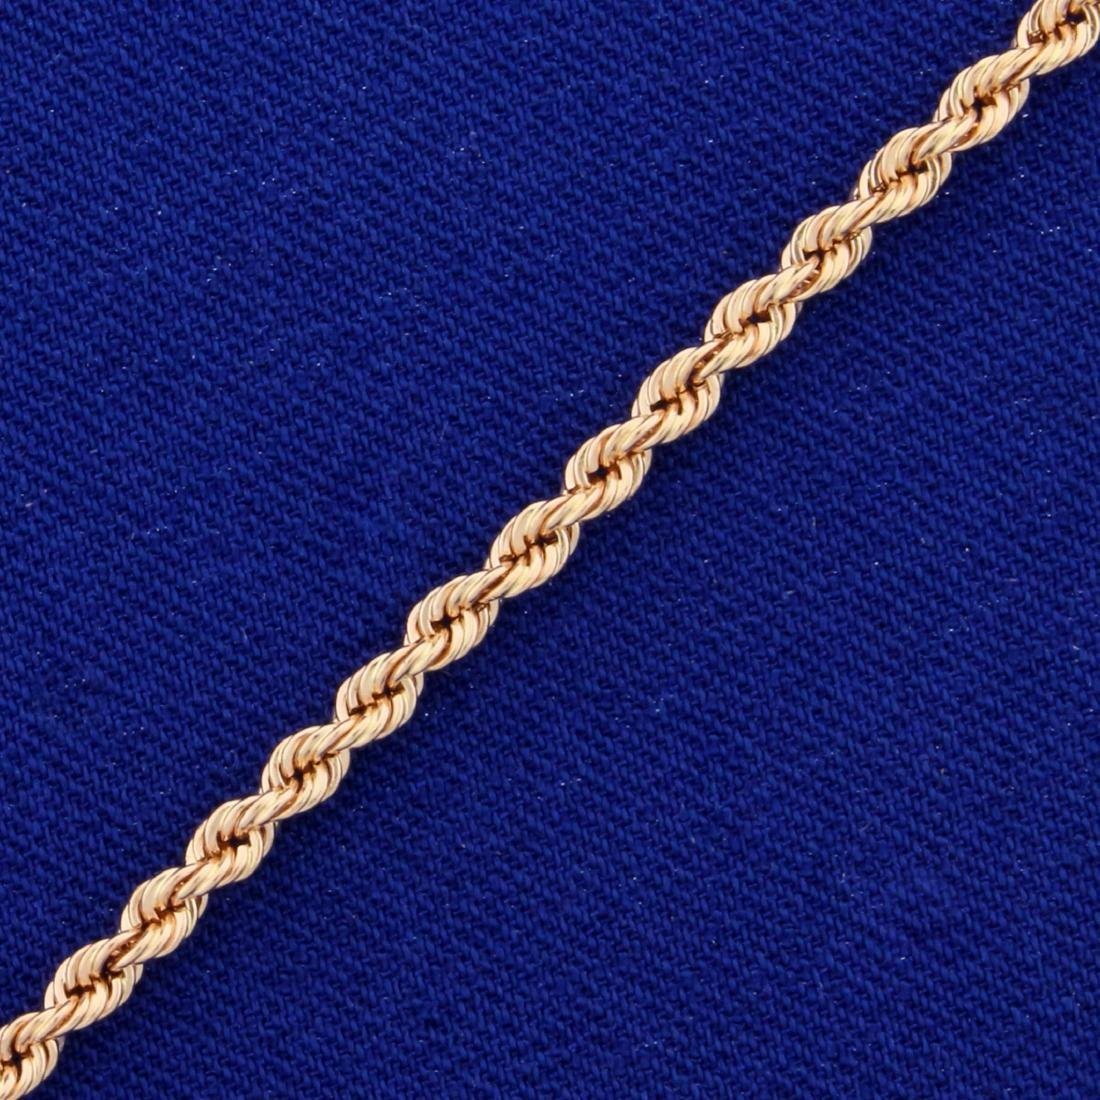 8 Inch Rope Style Bracelet in 14K Rose Gold - 2